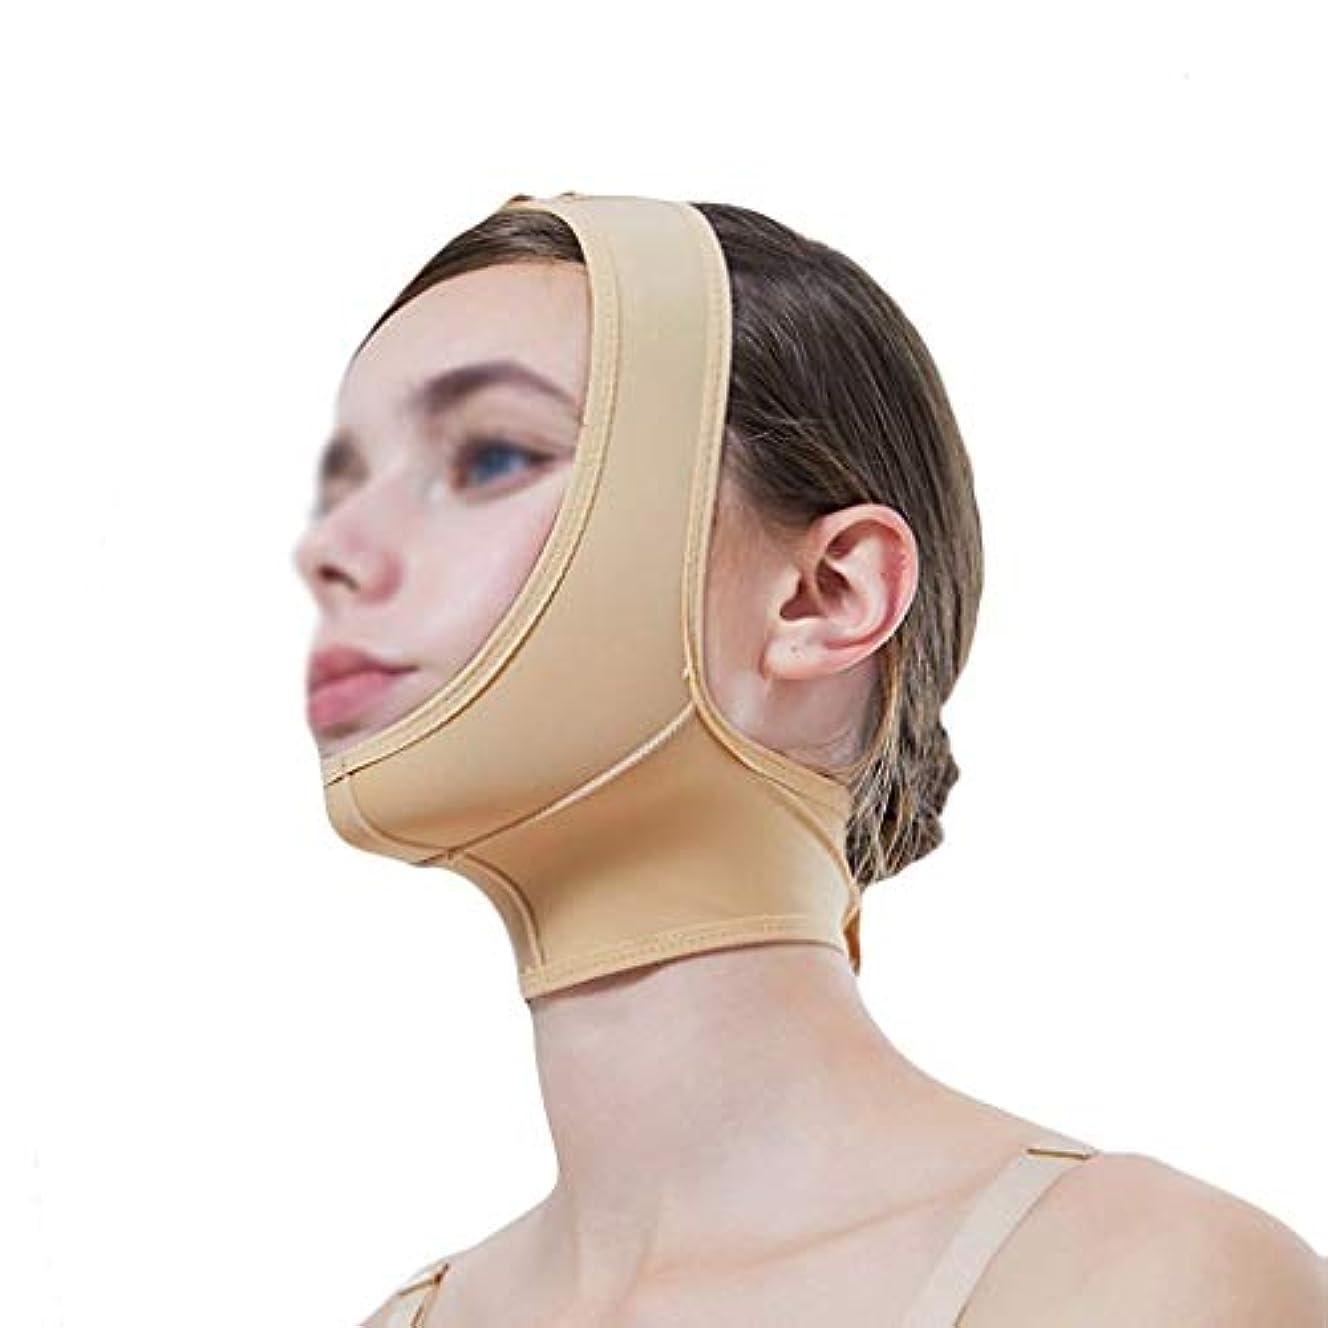 講堂量読むマスク、超薄型ベルト、フェイスリフティングに適し、フェイスリフティング、通気性包帯、あご取りベルト、超薄型ベルト、通気性(サイズ:XL),M